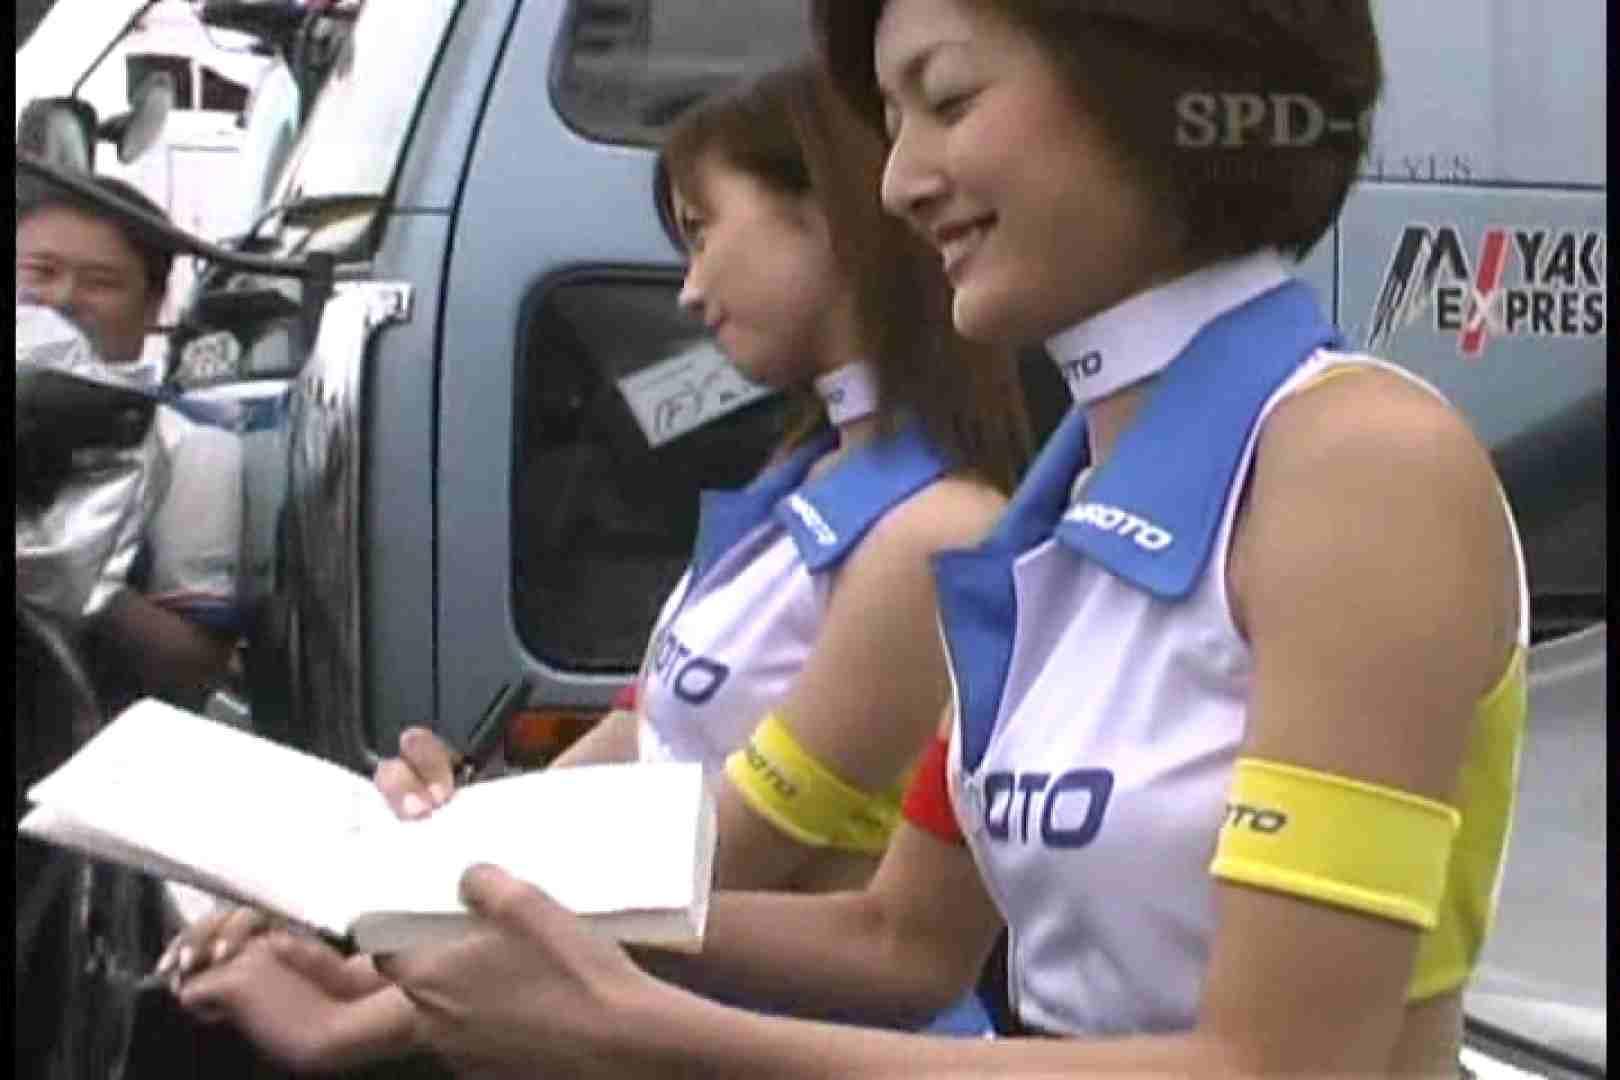 高画質版!SPD-001 サーキットの女神達 Vol.00 美しいOLの裸体 AV動画キャプチャ 106pic 90